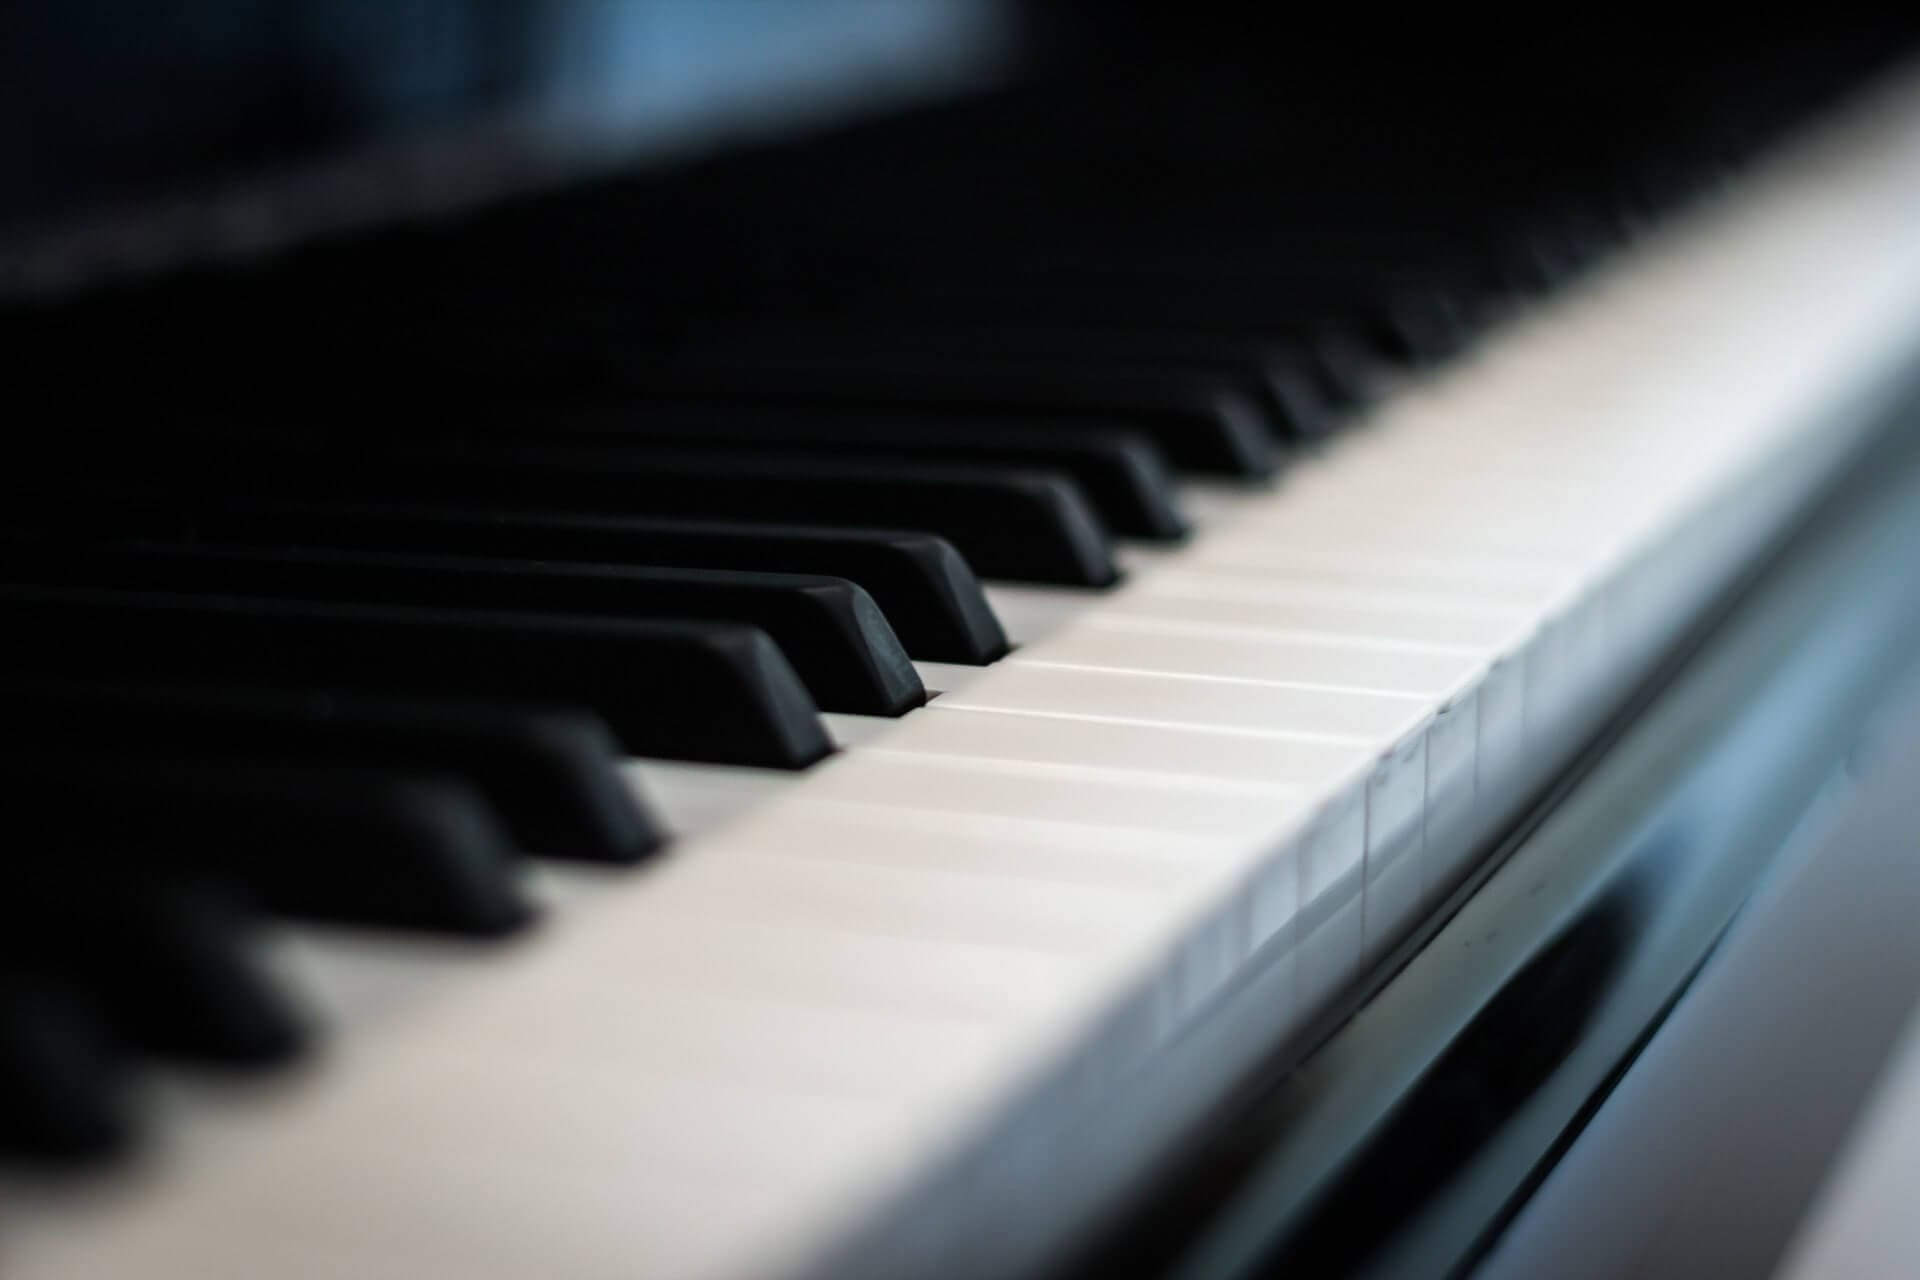 piano-558452_1920